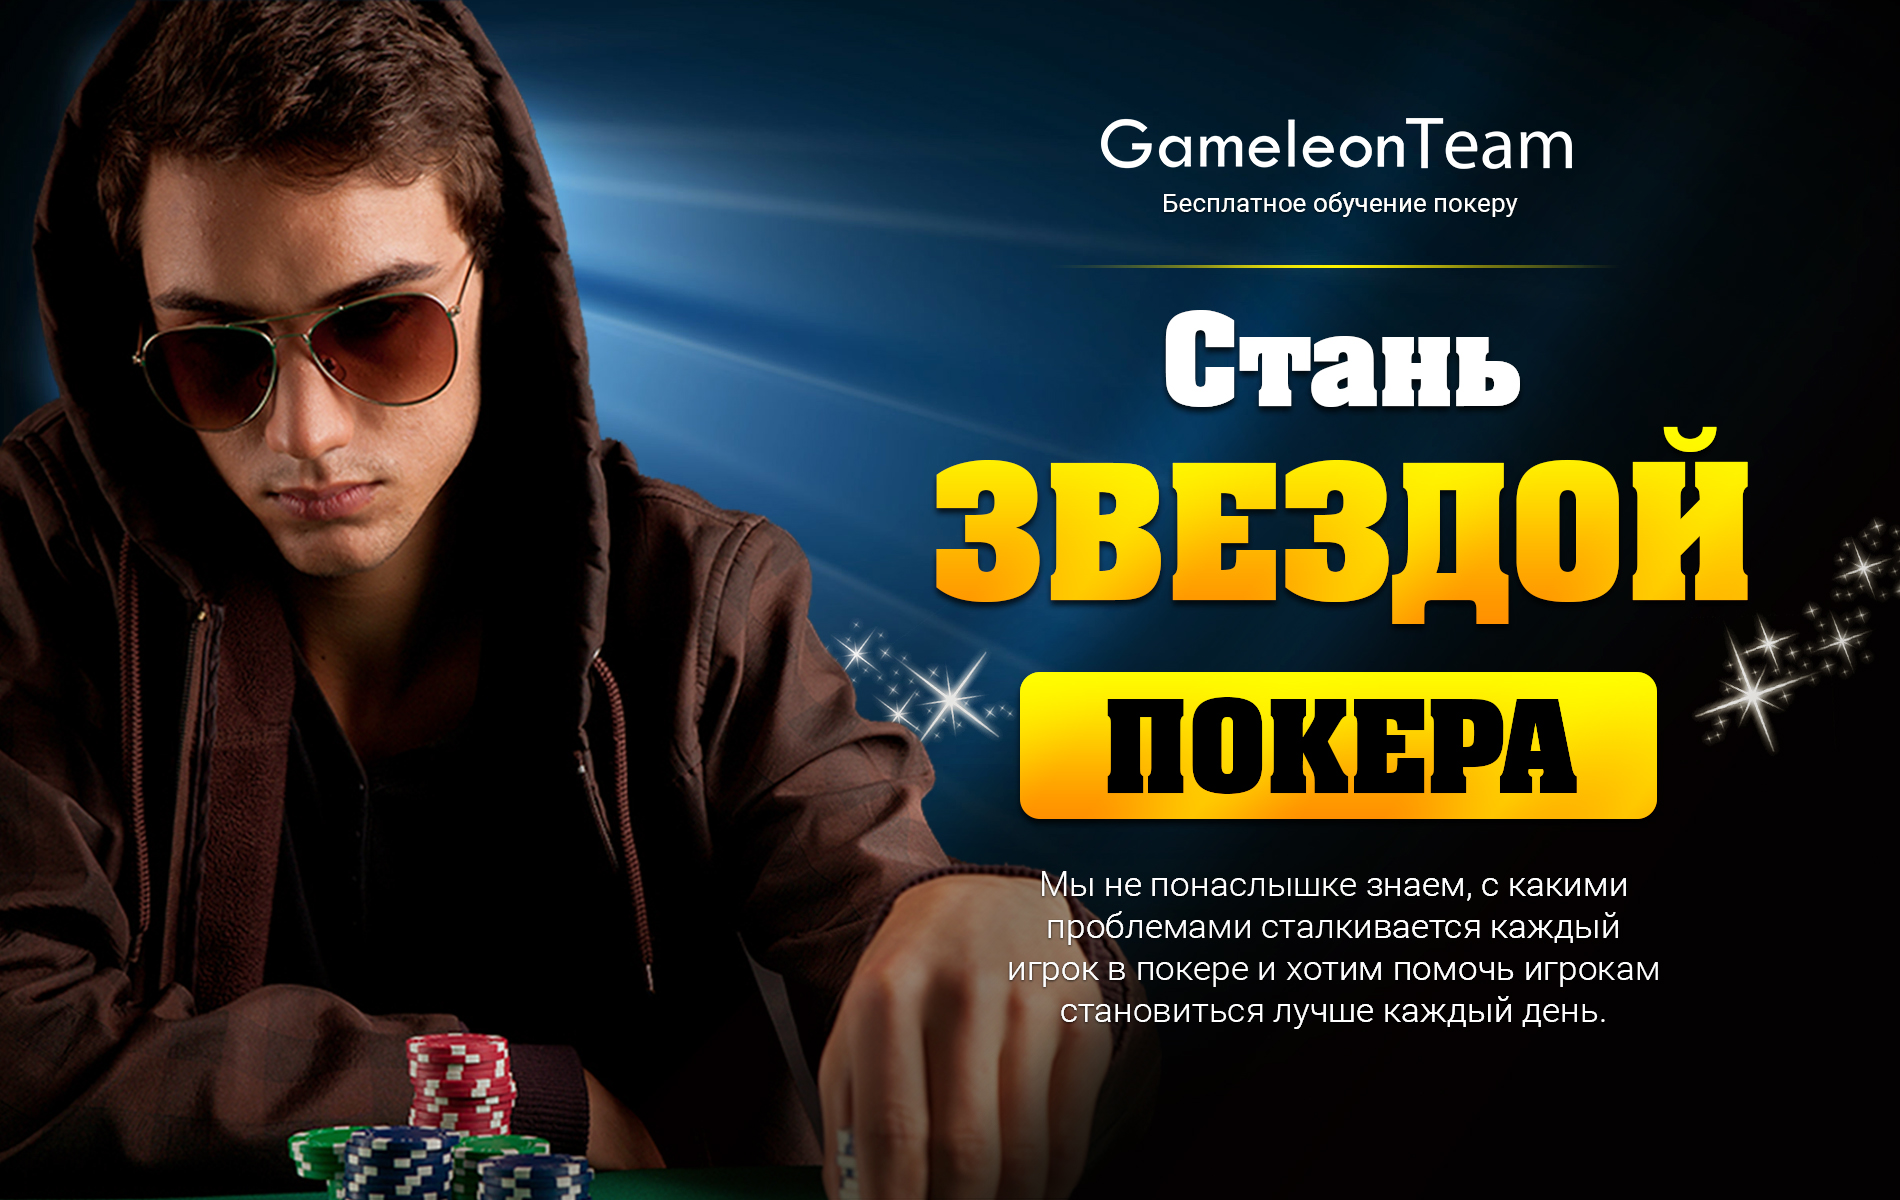 онлайн обучению покеру